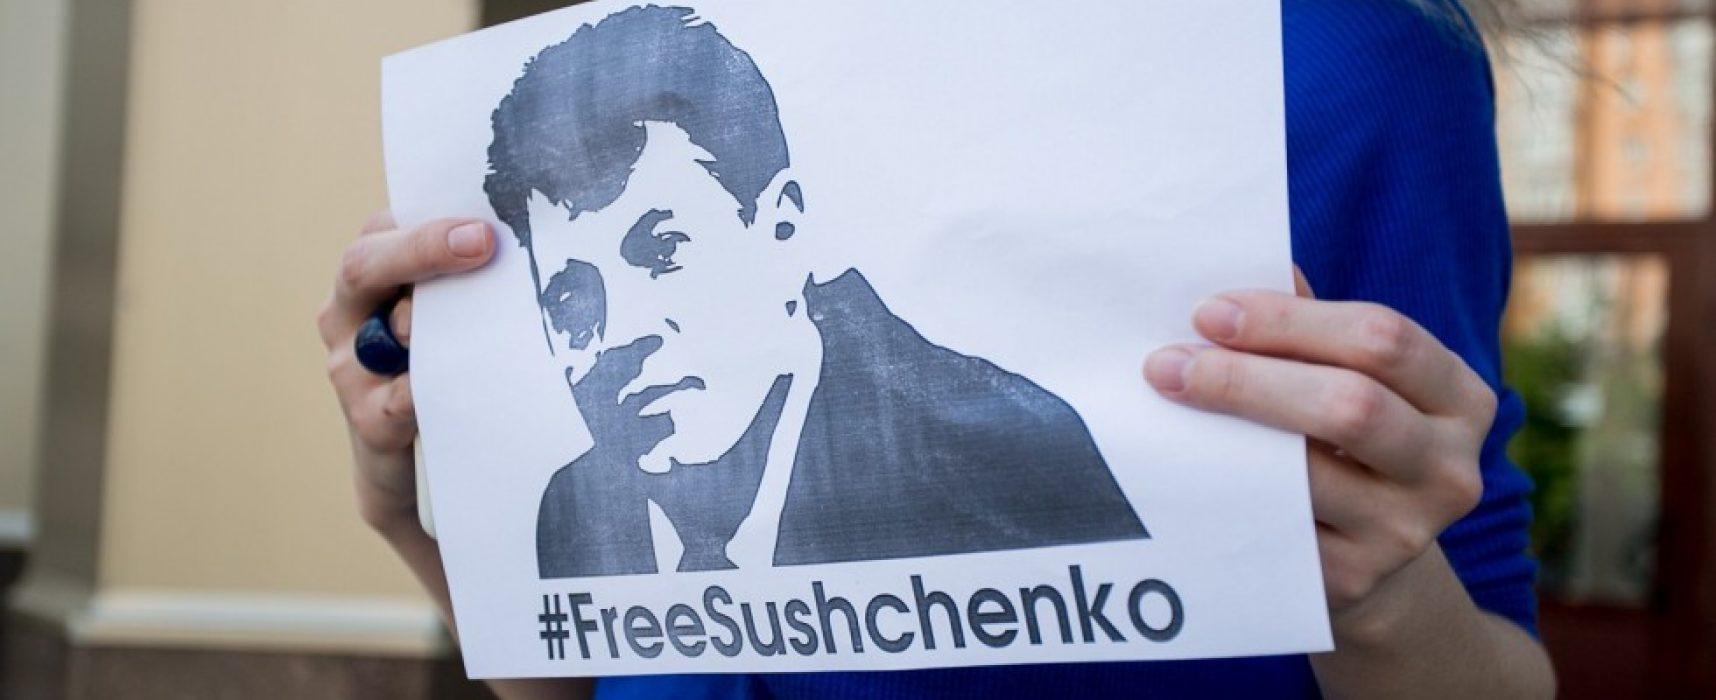 L'Ucraina invita l'ONU ad intensificare la lotta contro propaganda russa